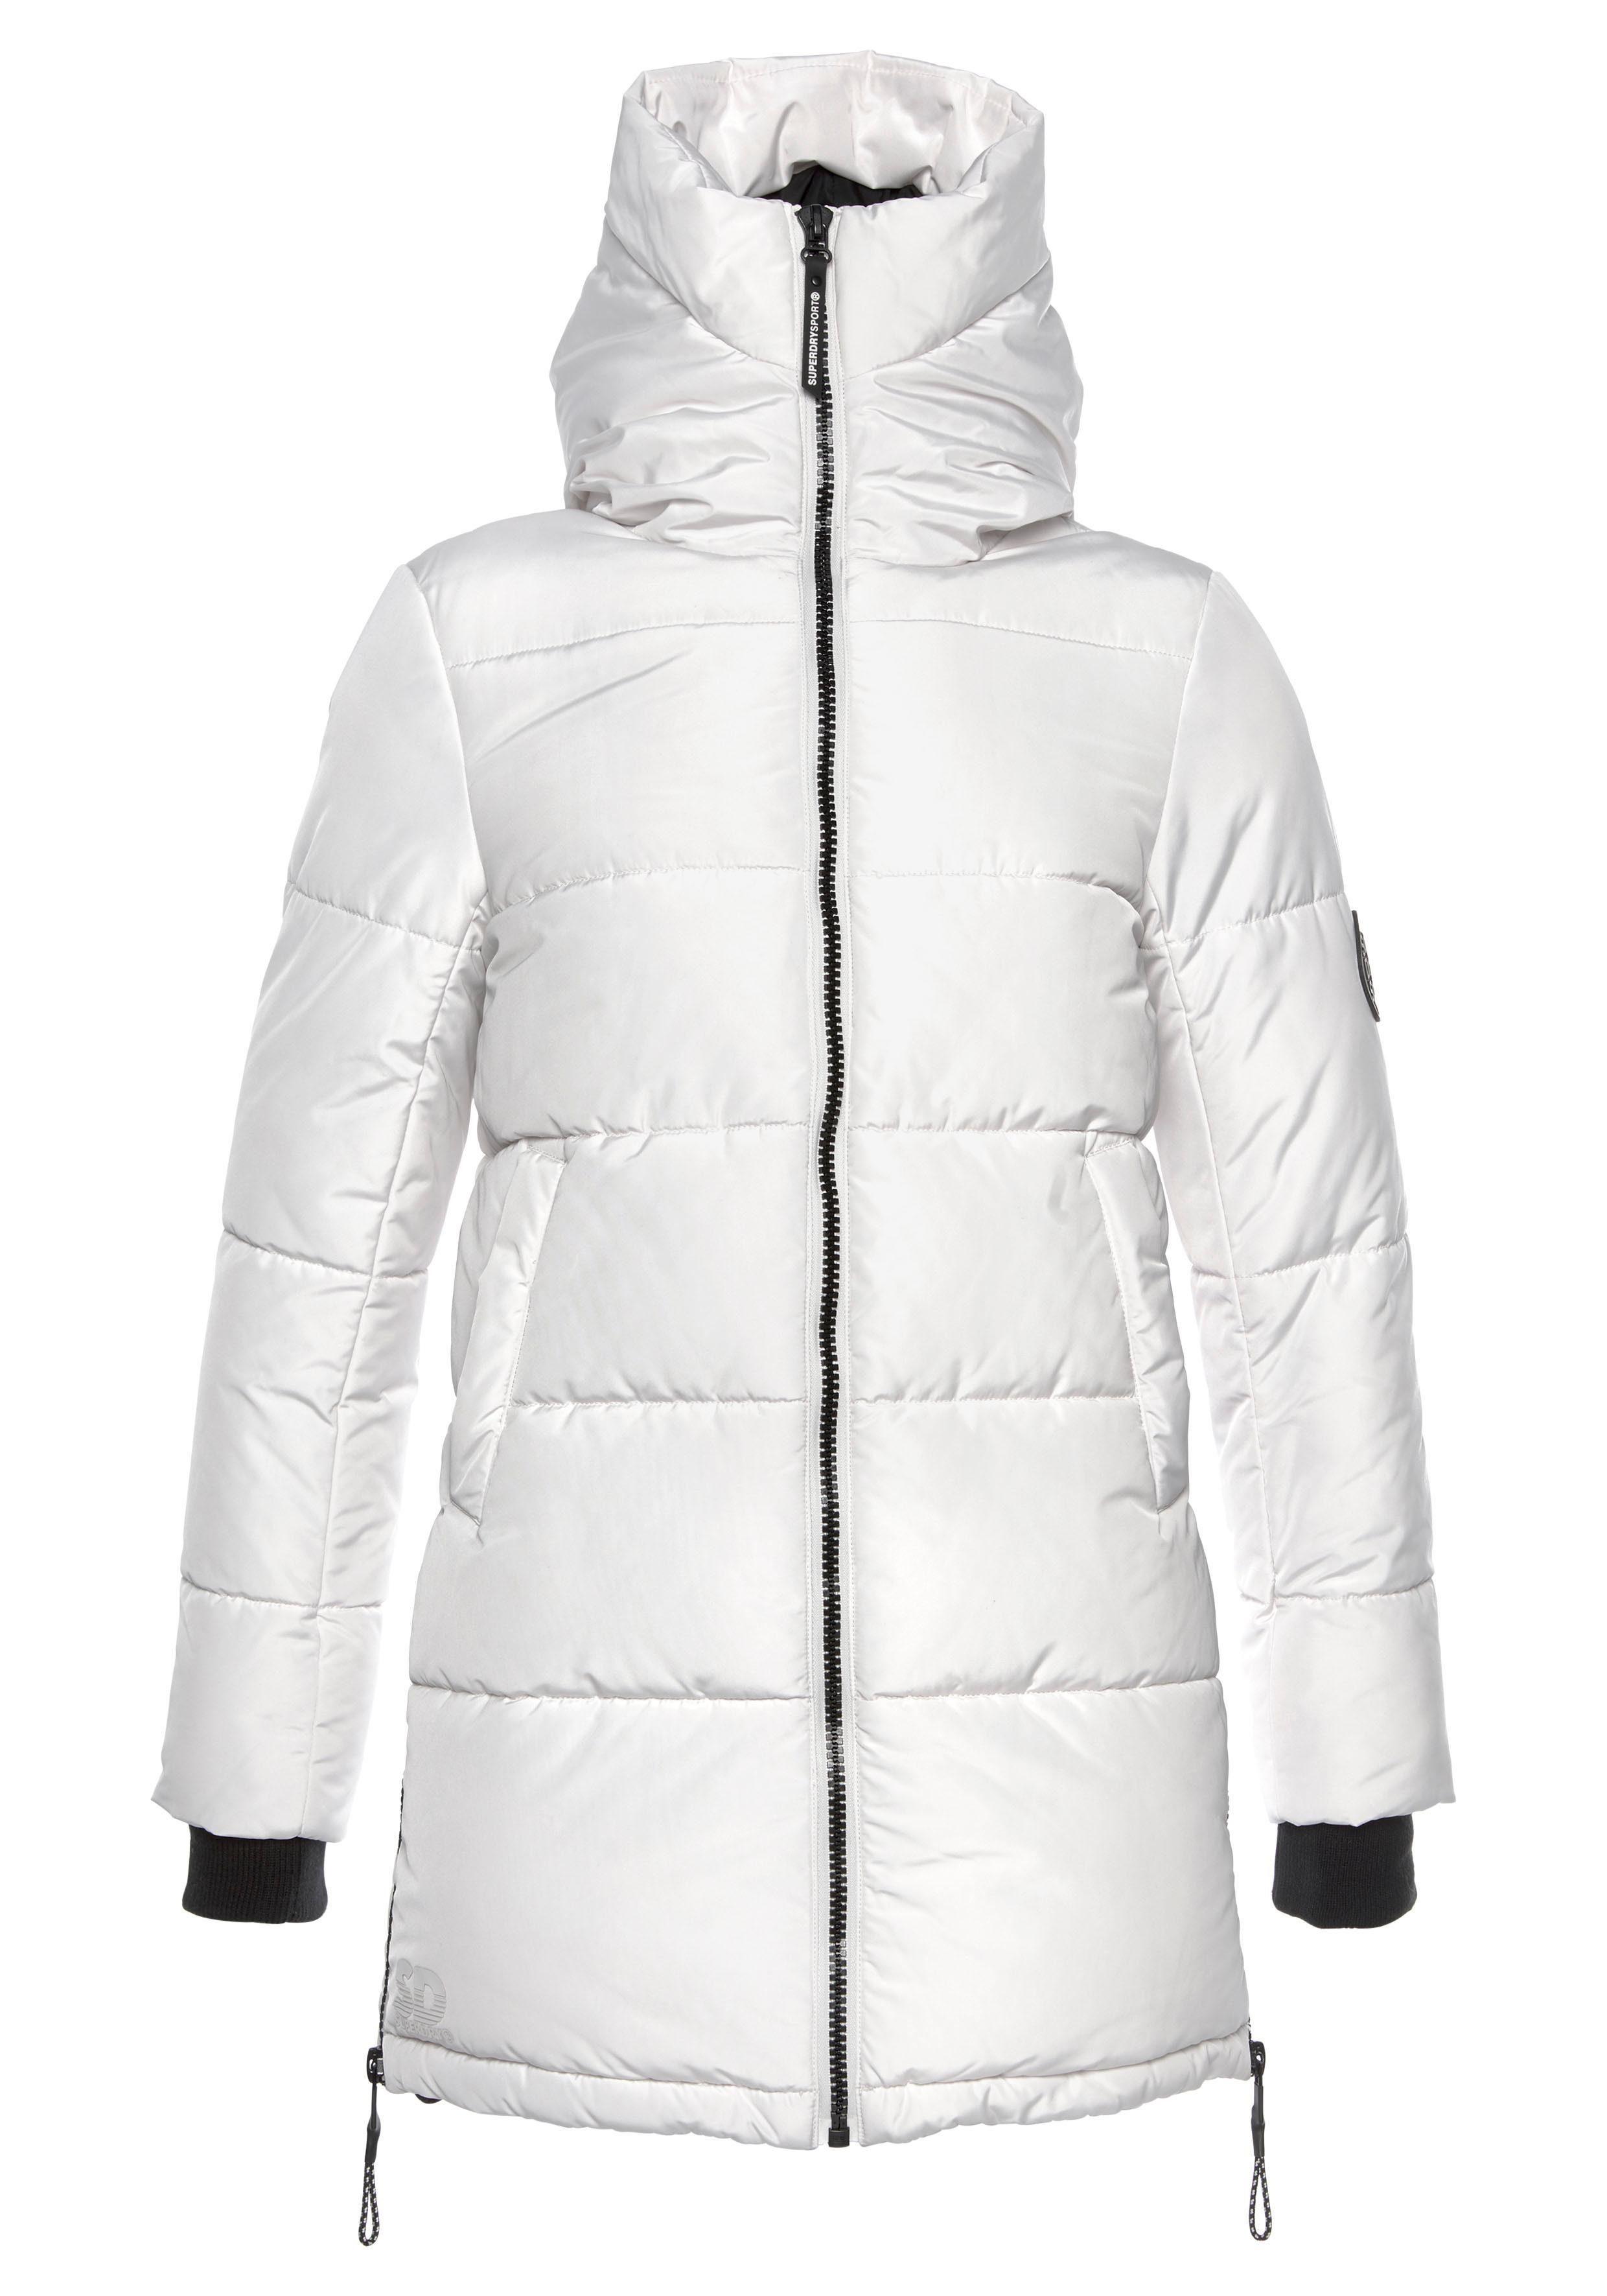 Outdoor jassen online kopen? Al vanaf € 29,99 | OTTO